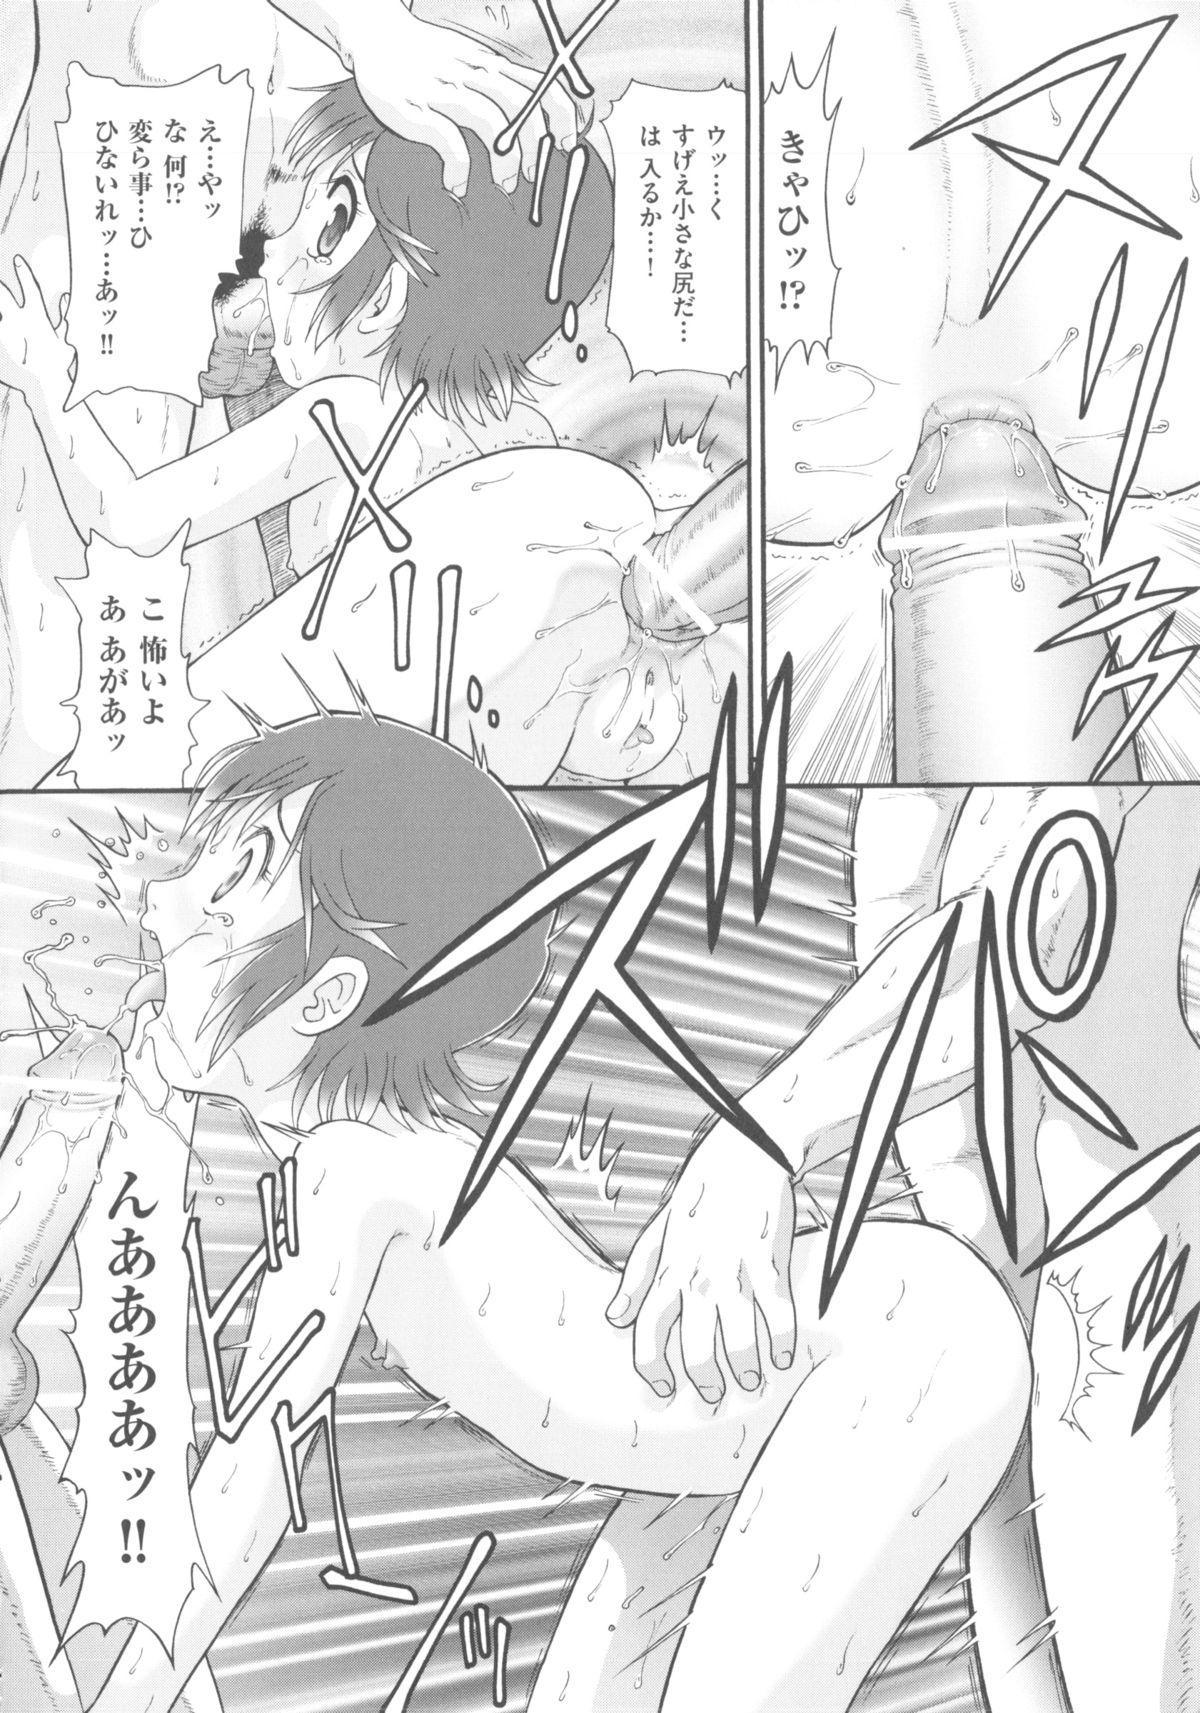 Comic Ino. 04 151